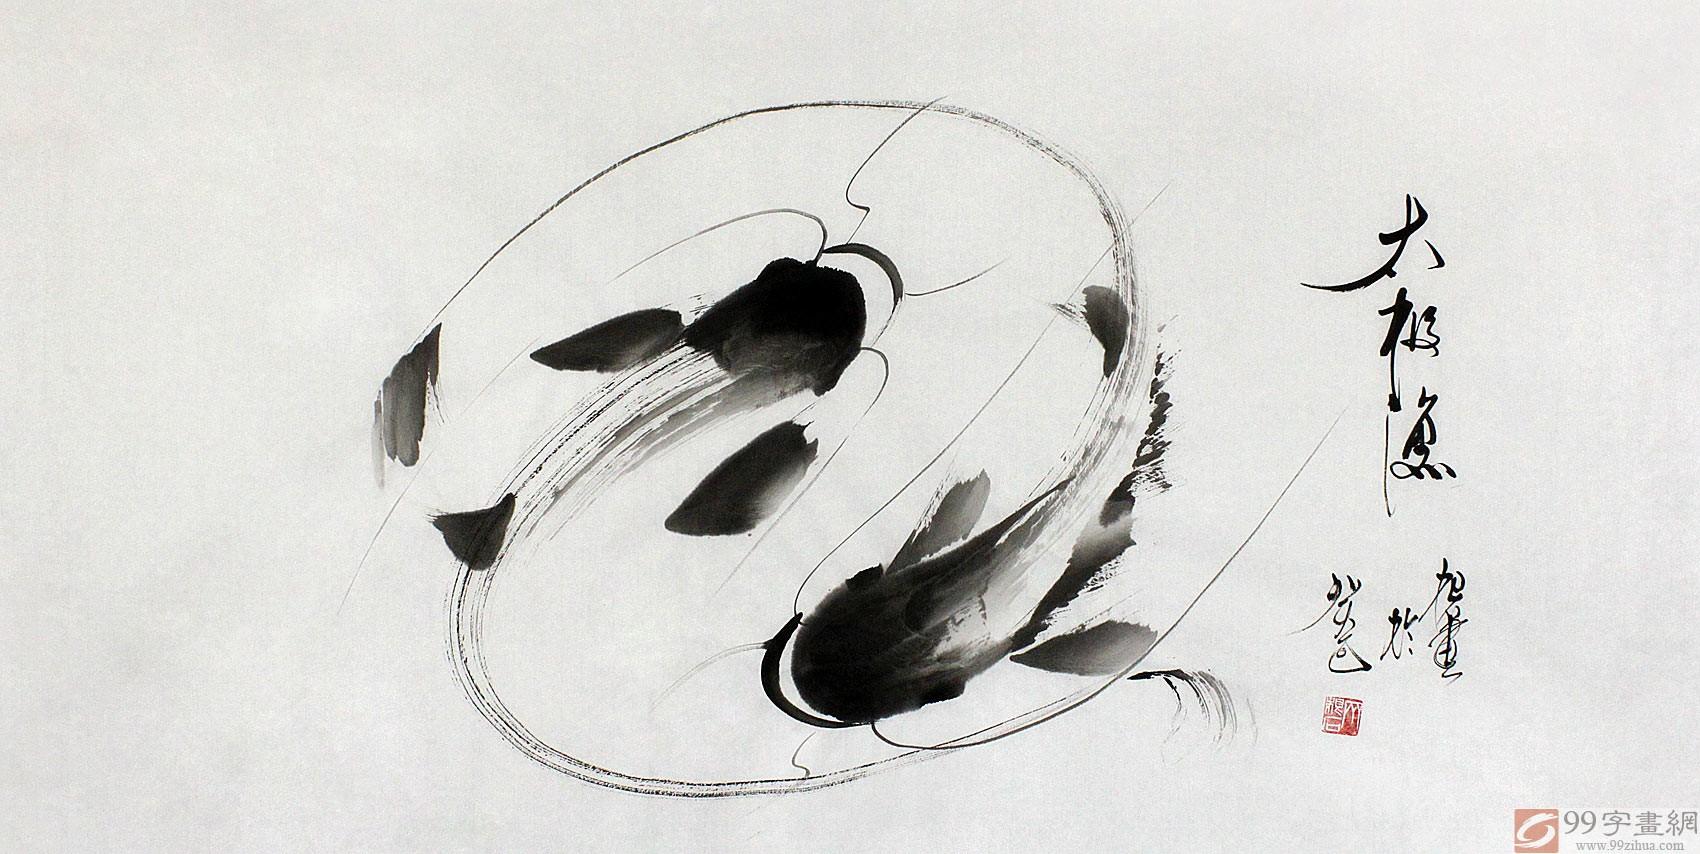 齐根石四尺《太极鱼》 - 九鱼图 - 99字画网